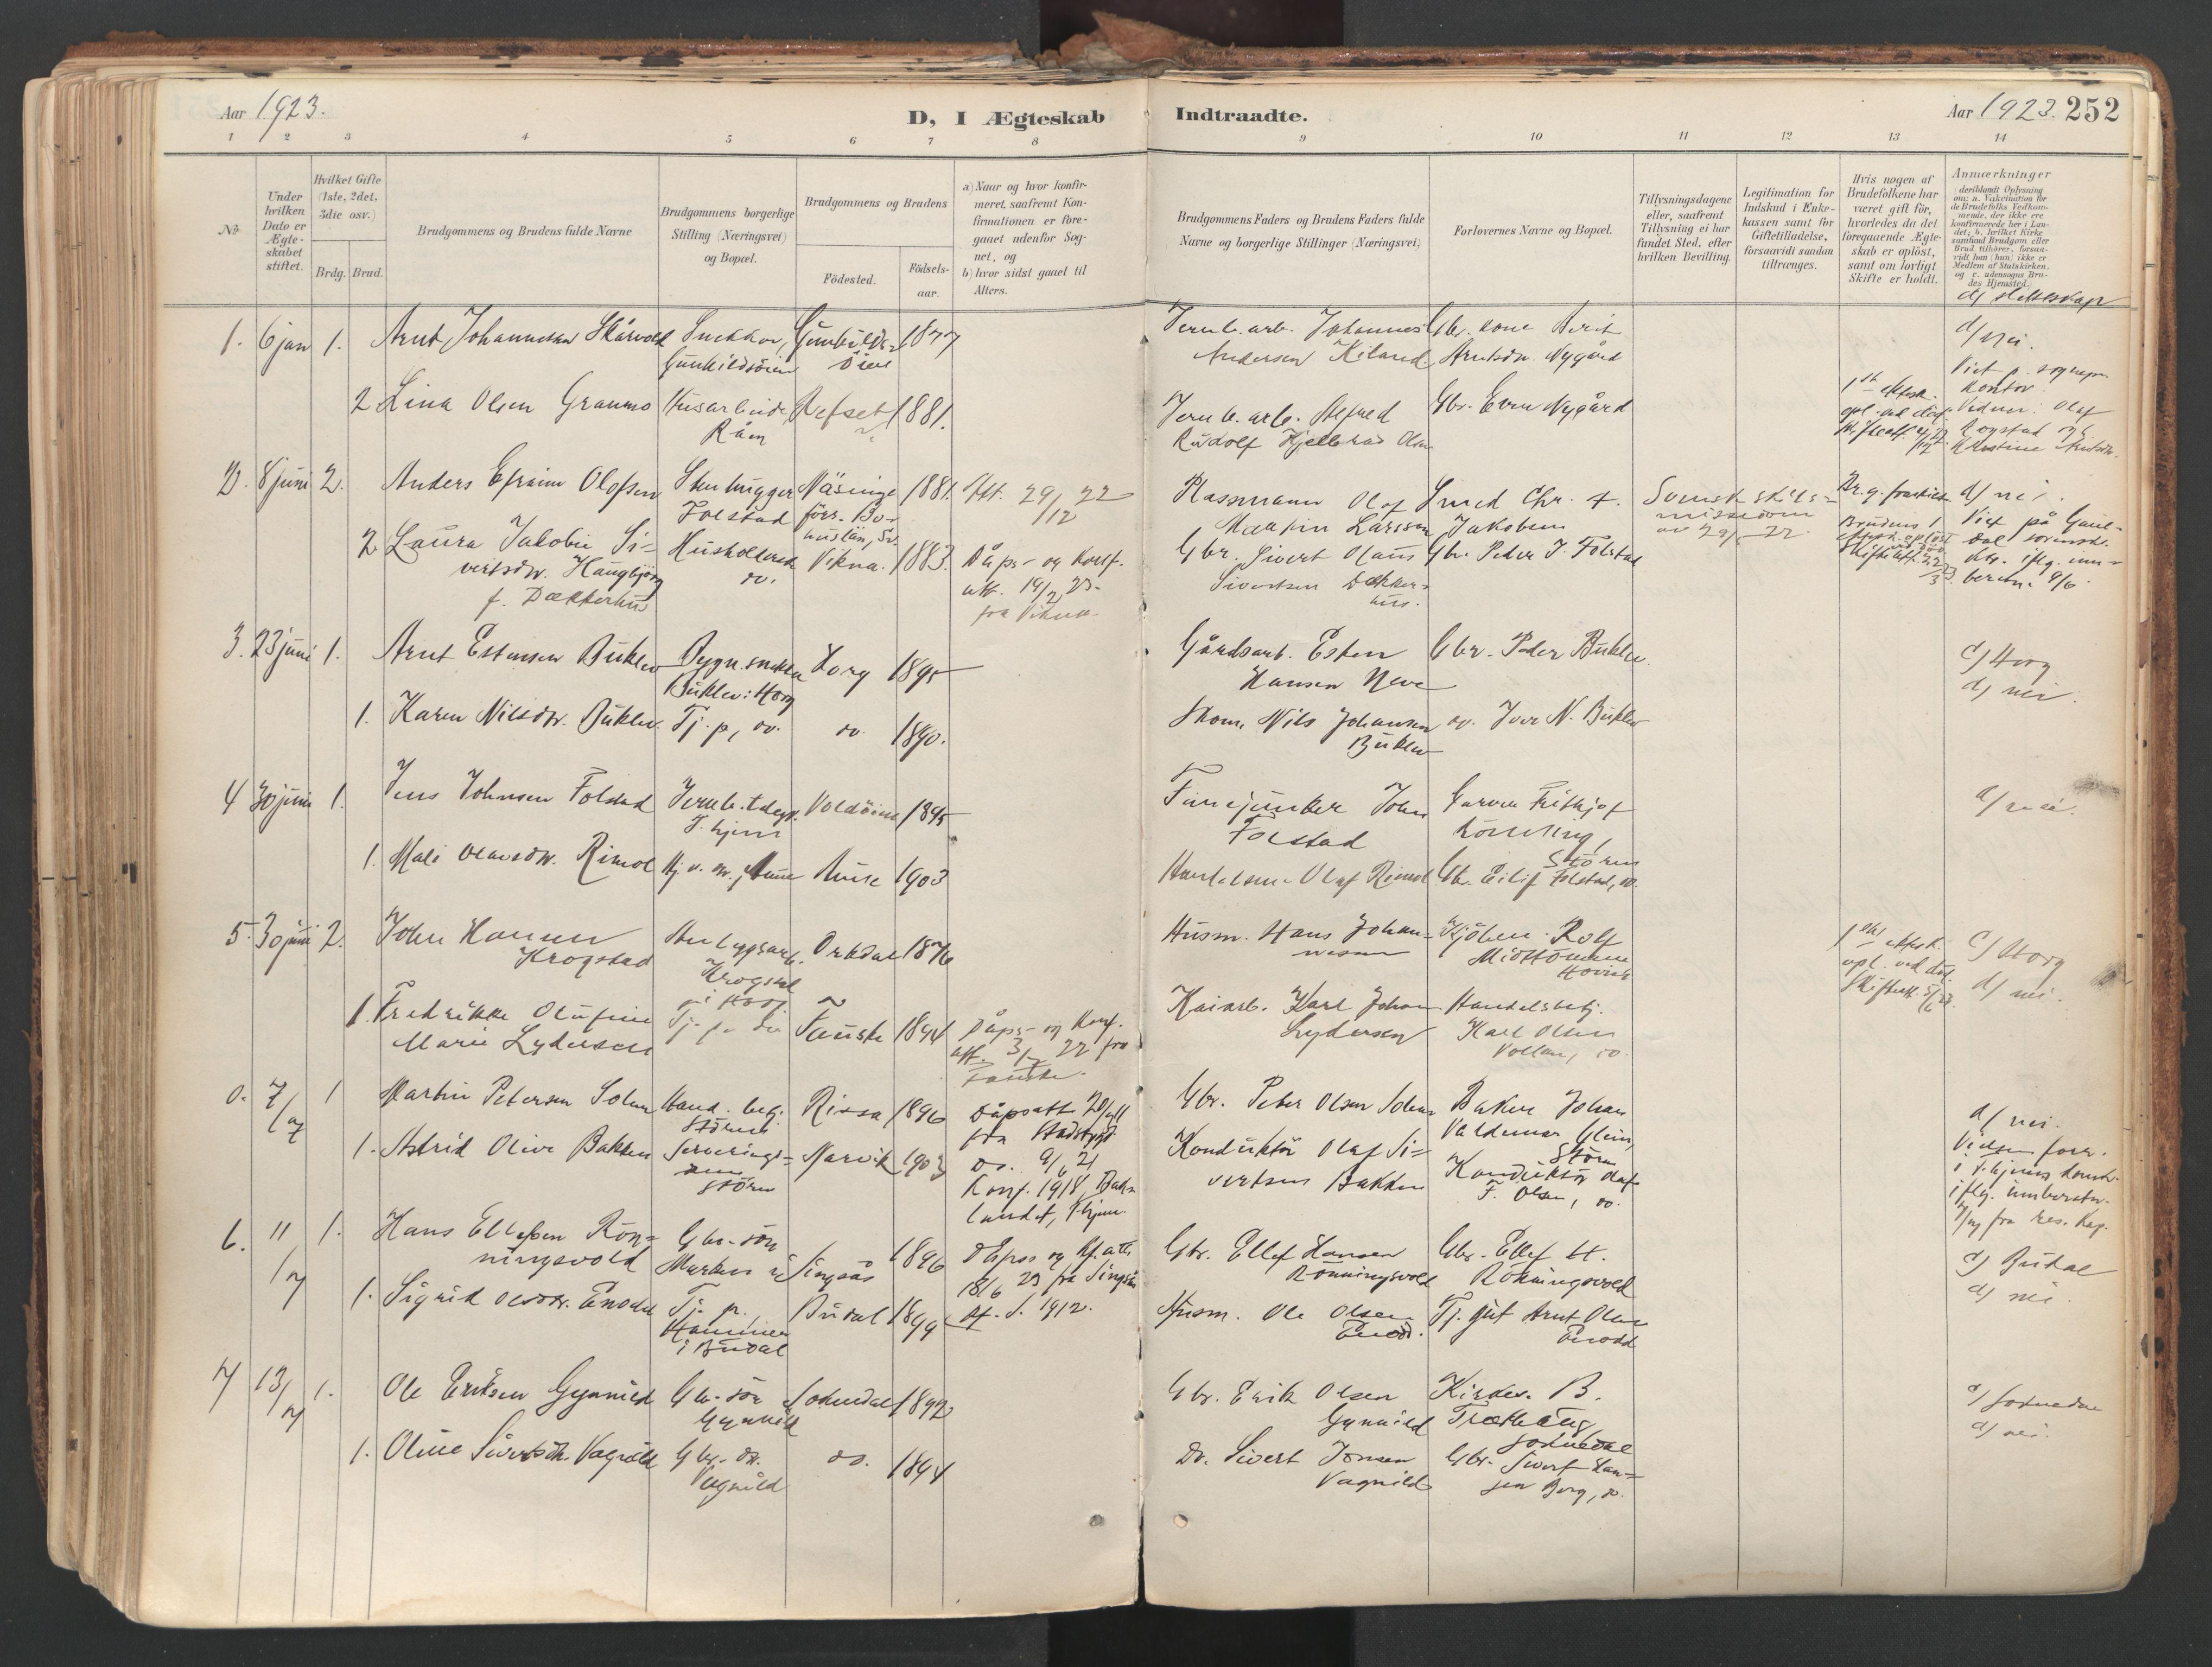 SAT, Ministerialprotokoller, klokkerbøker og fødselsregistre - Sør-Trøndelag, 687/L1004: Ministerialbok nr. 687A10, 1891-1923, s. 252